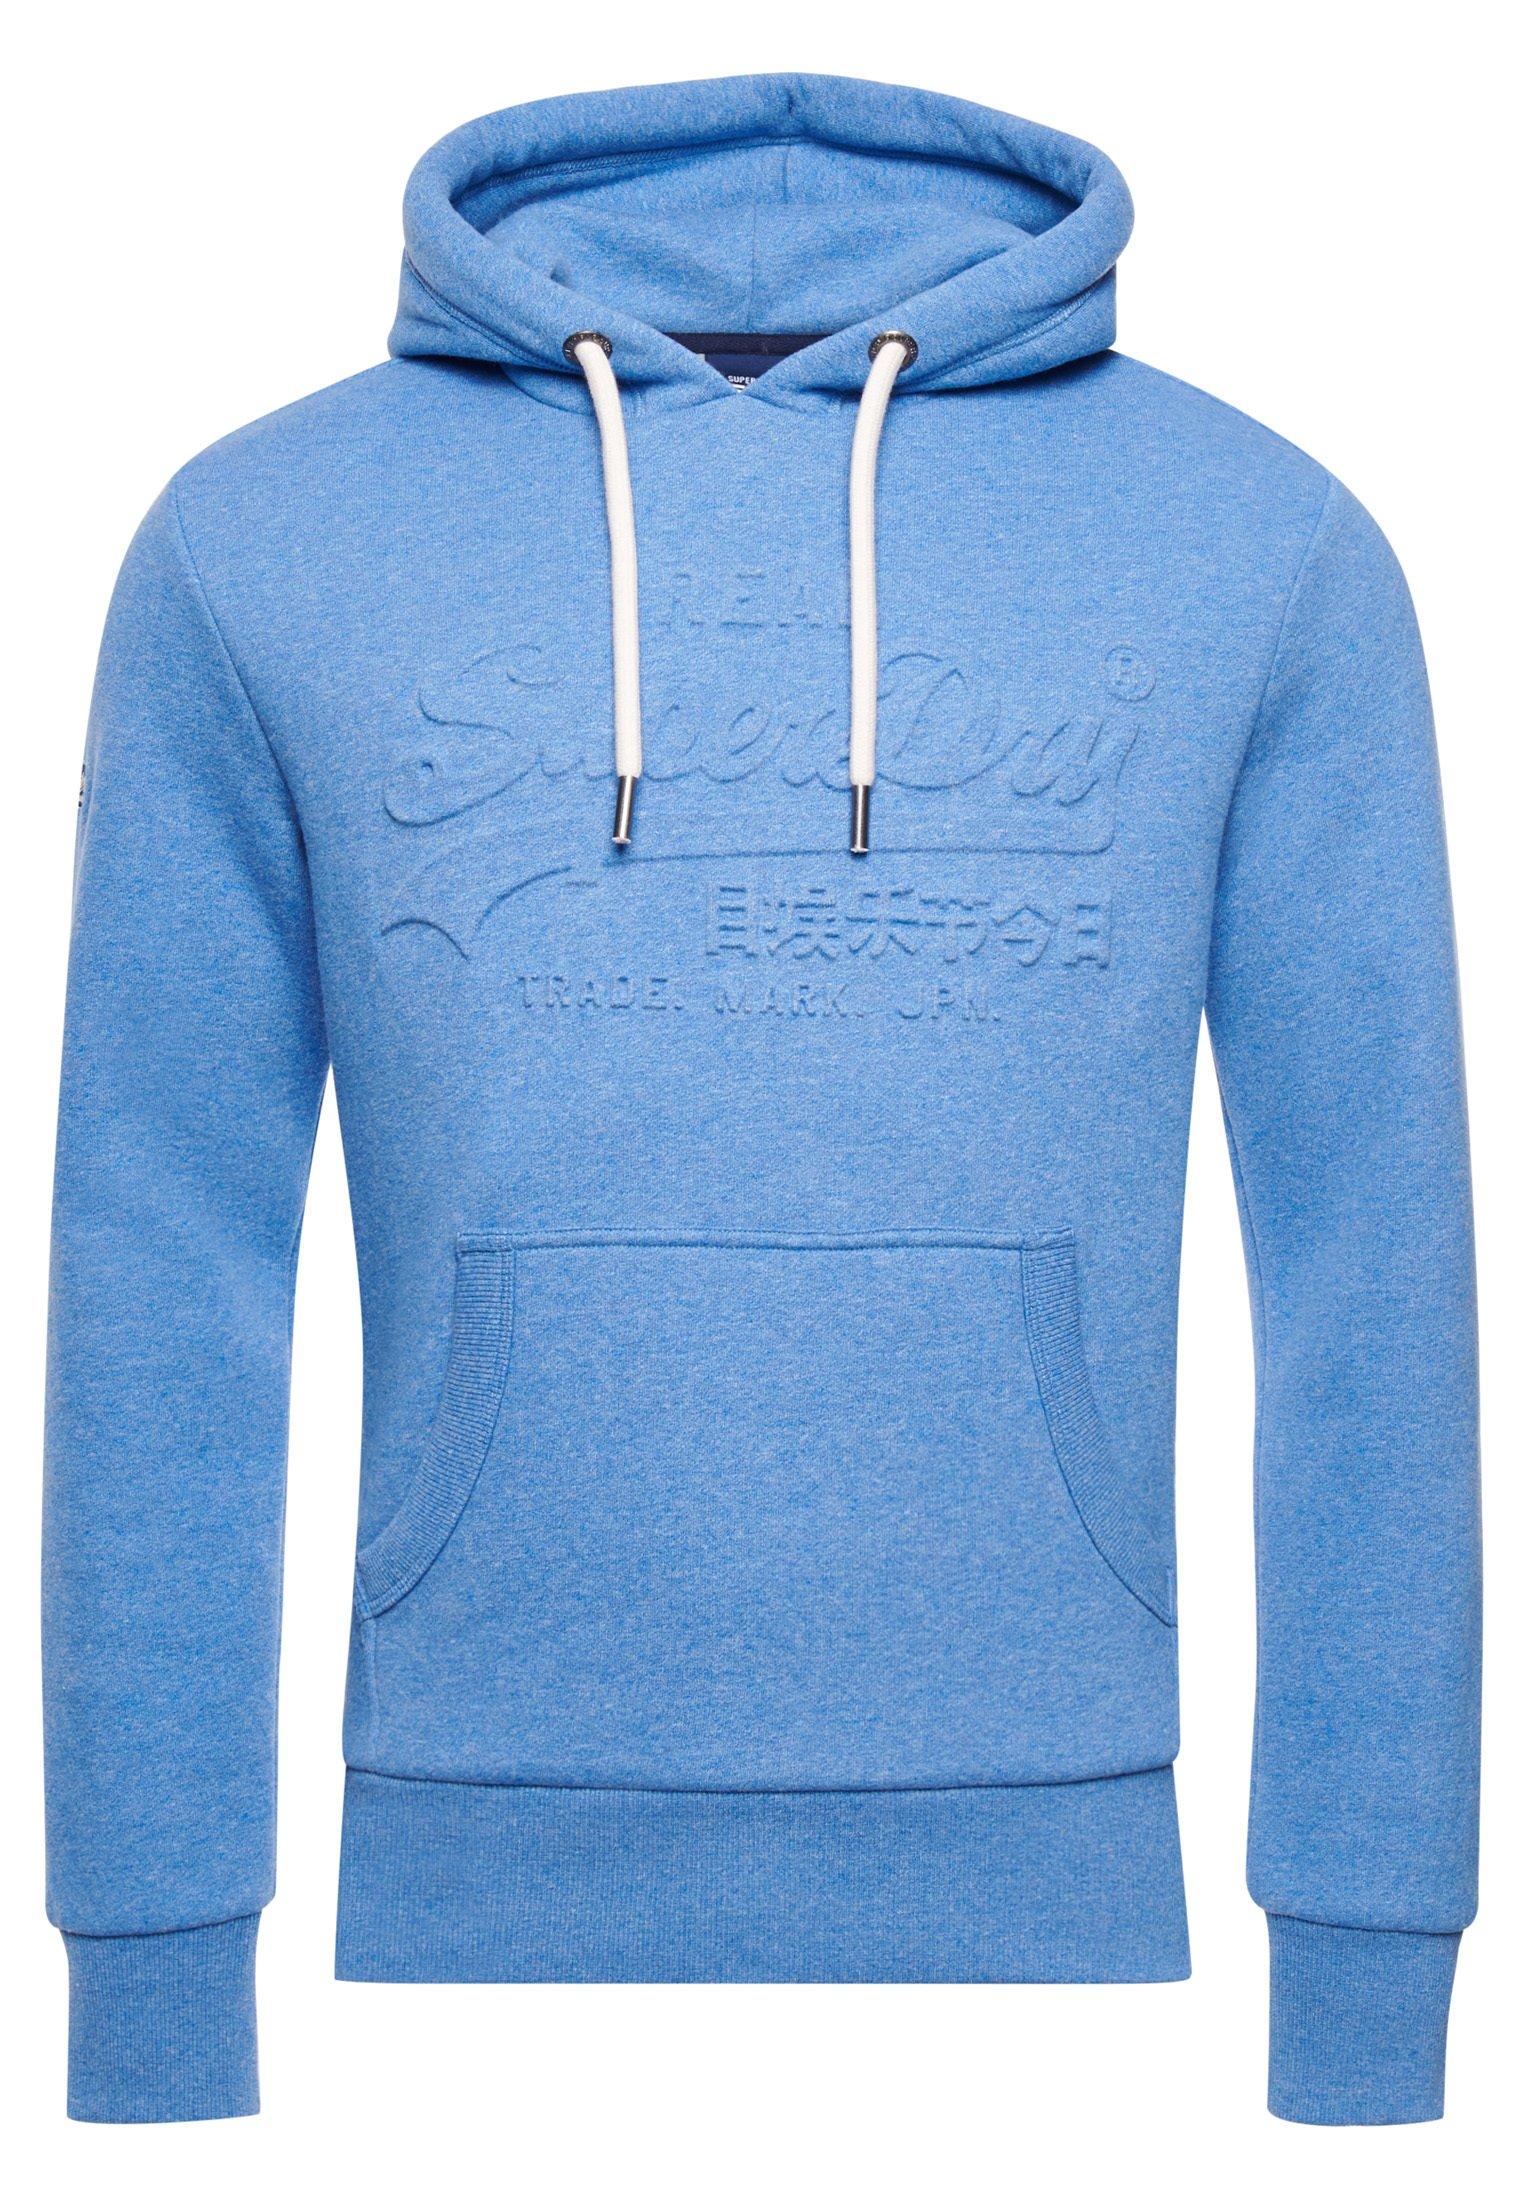 Herren Kapuzenpullover - blue